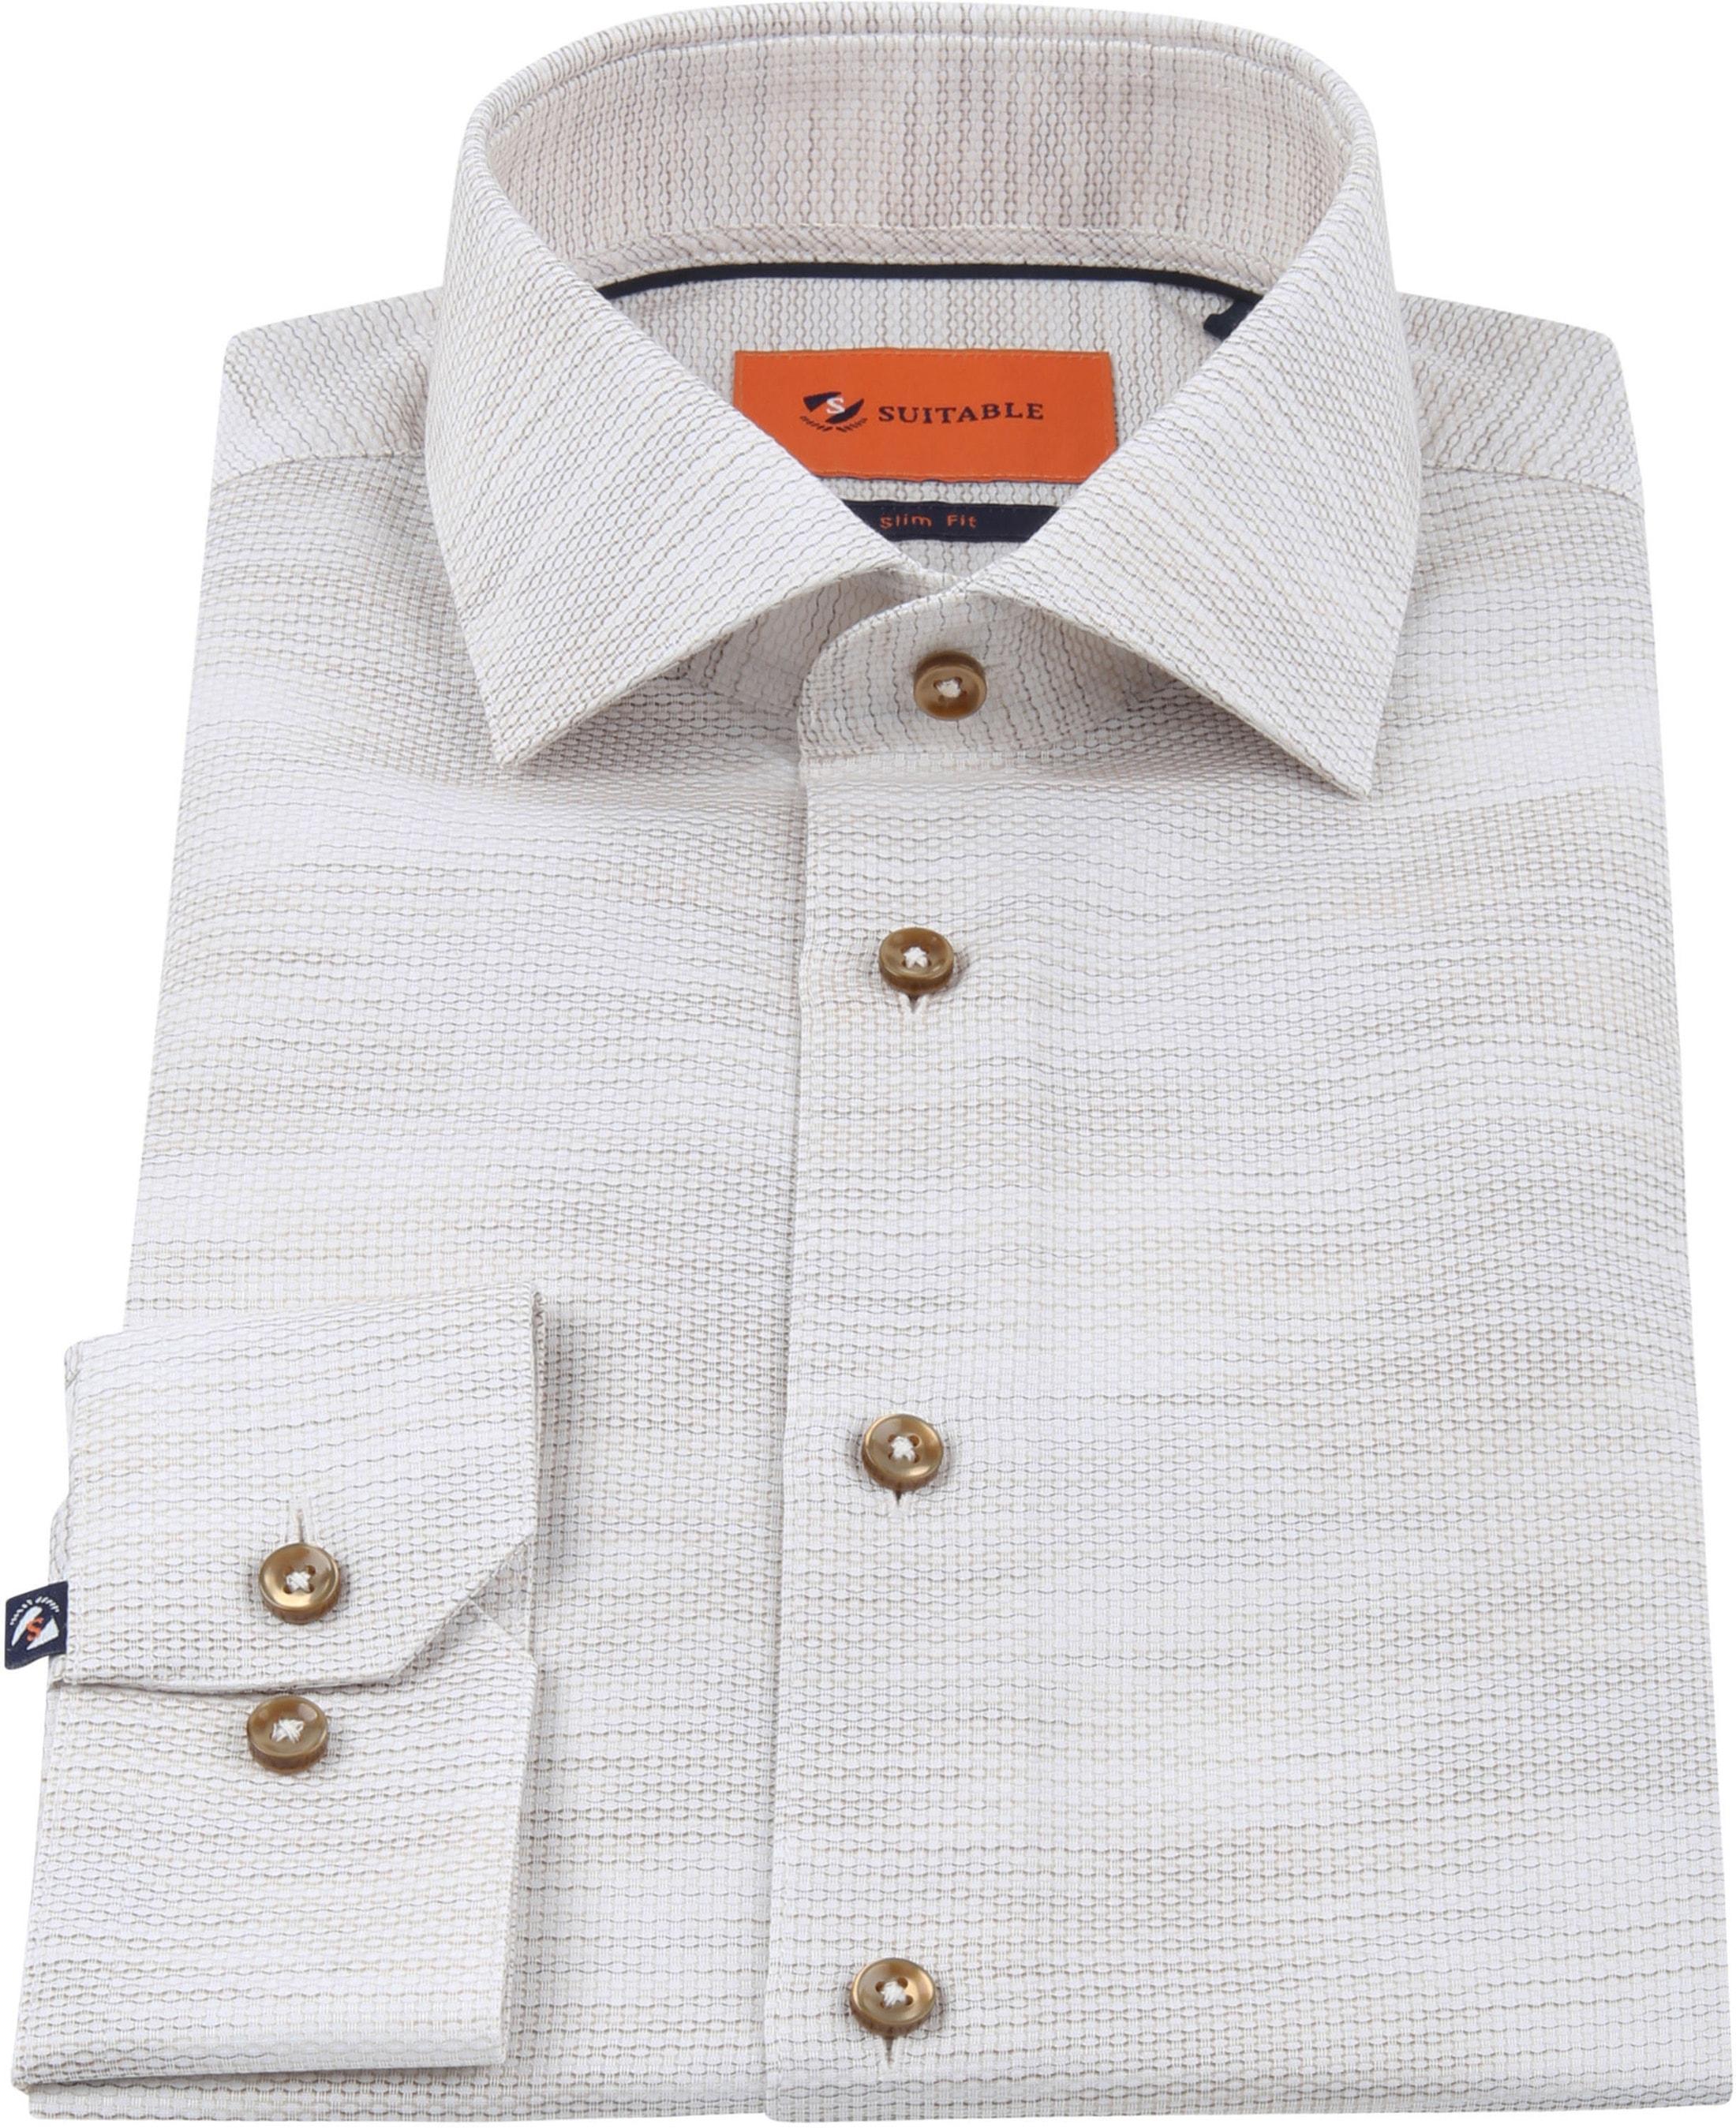 Suitable Overhemd WS Beige